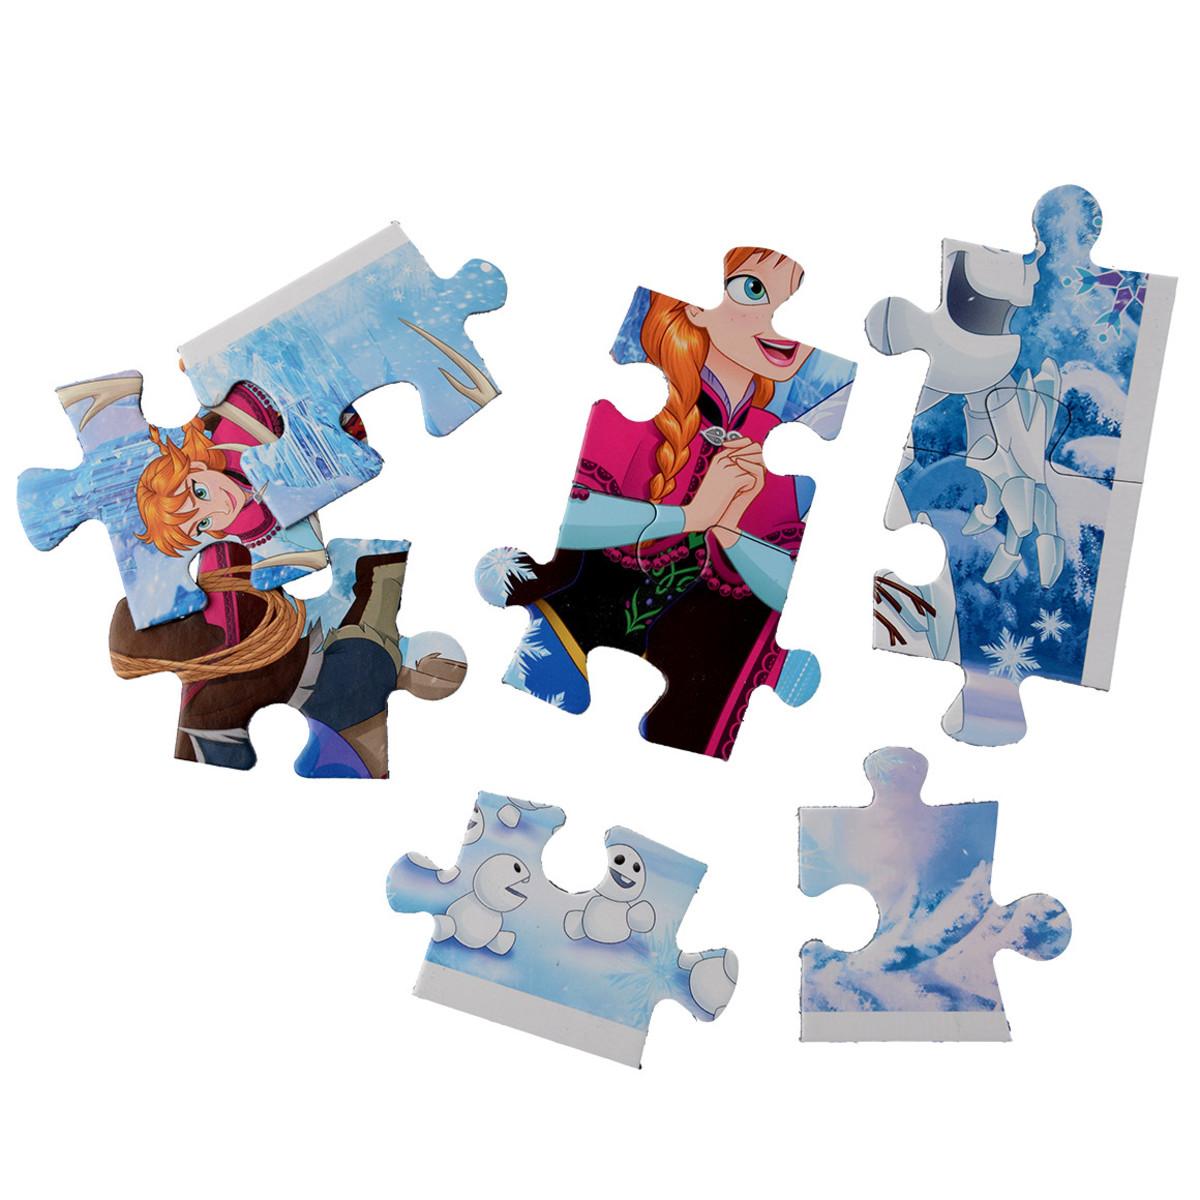 Bild 3 von Die Eiskönigin Spielset 4 in 1